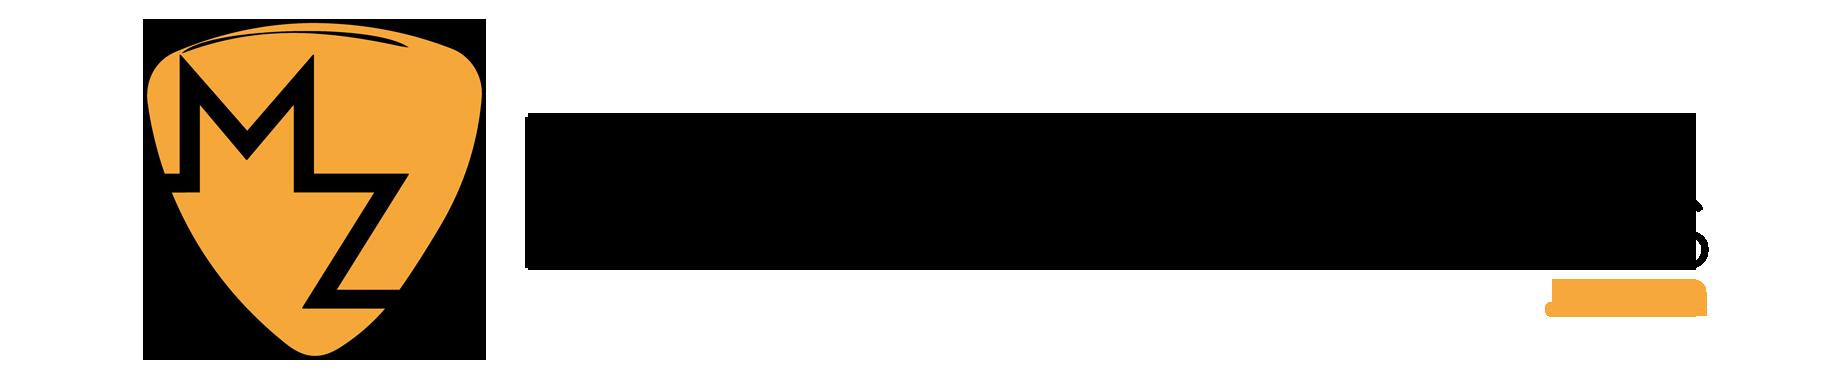 mandolin_secrets_logo.png